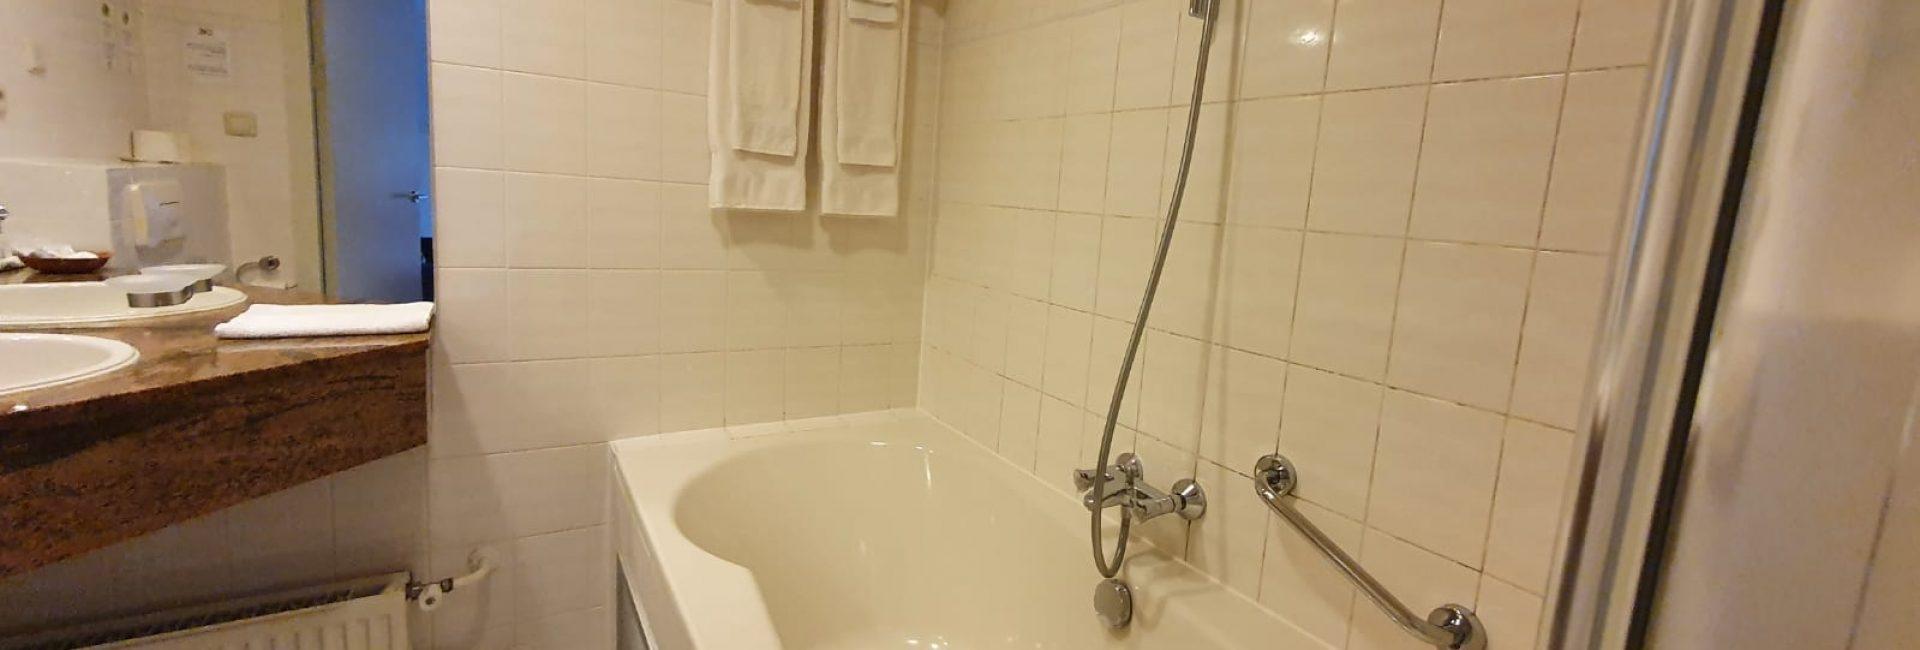 Superior kamer badkamer